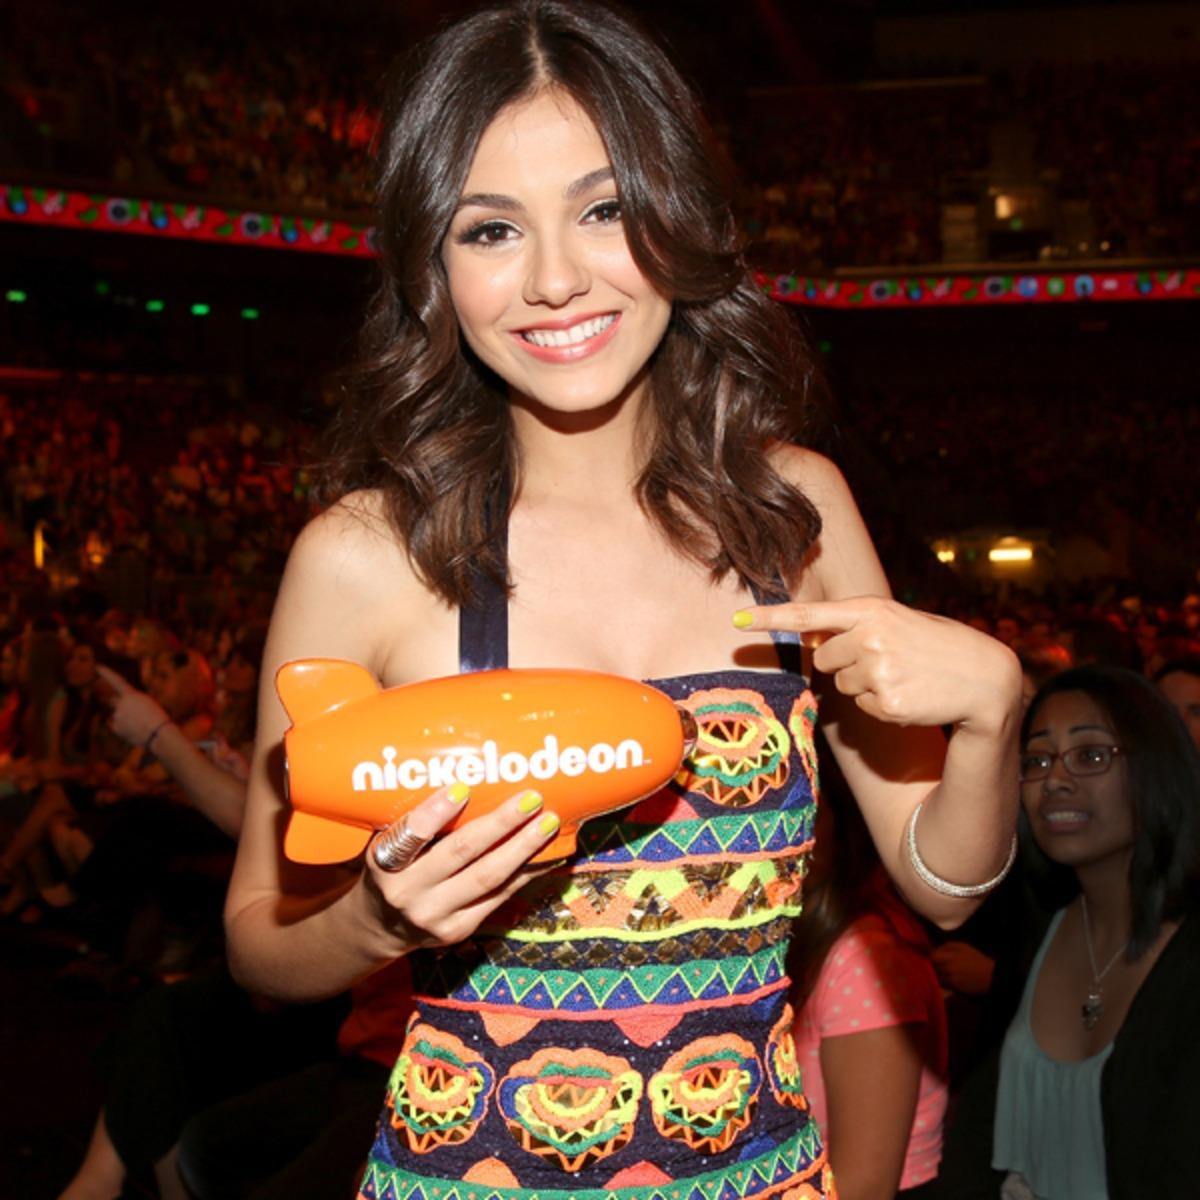 Nickelodeon Fernsehprogramm